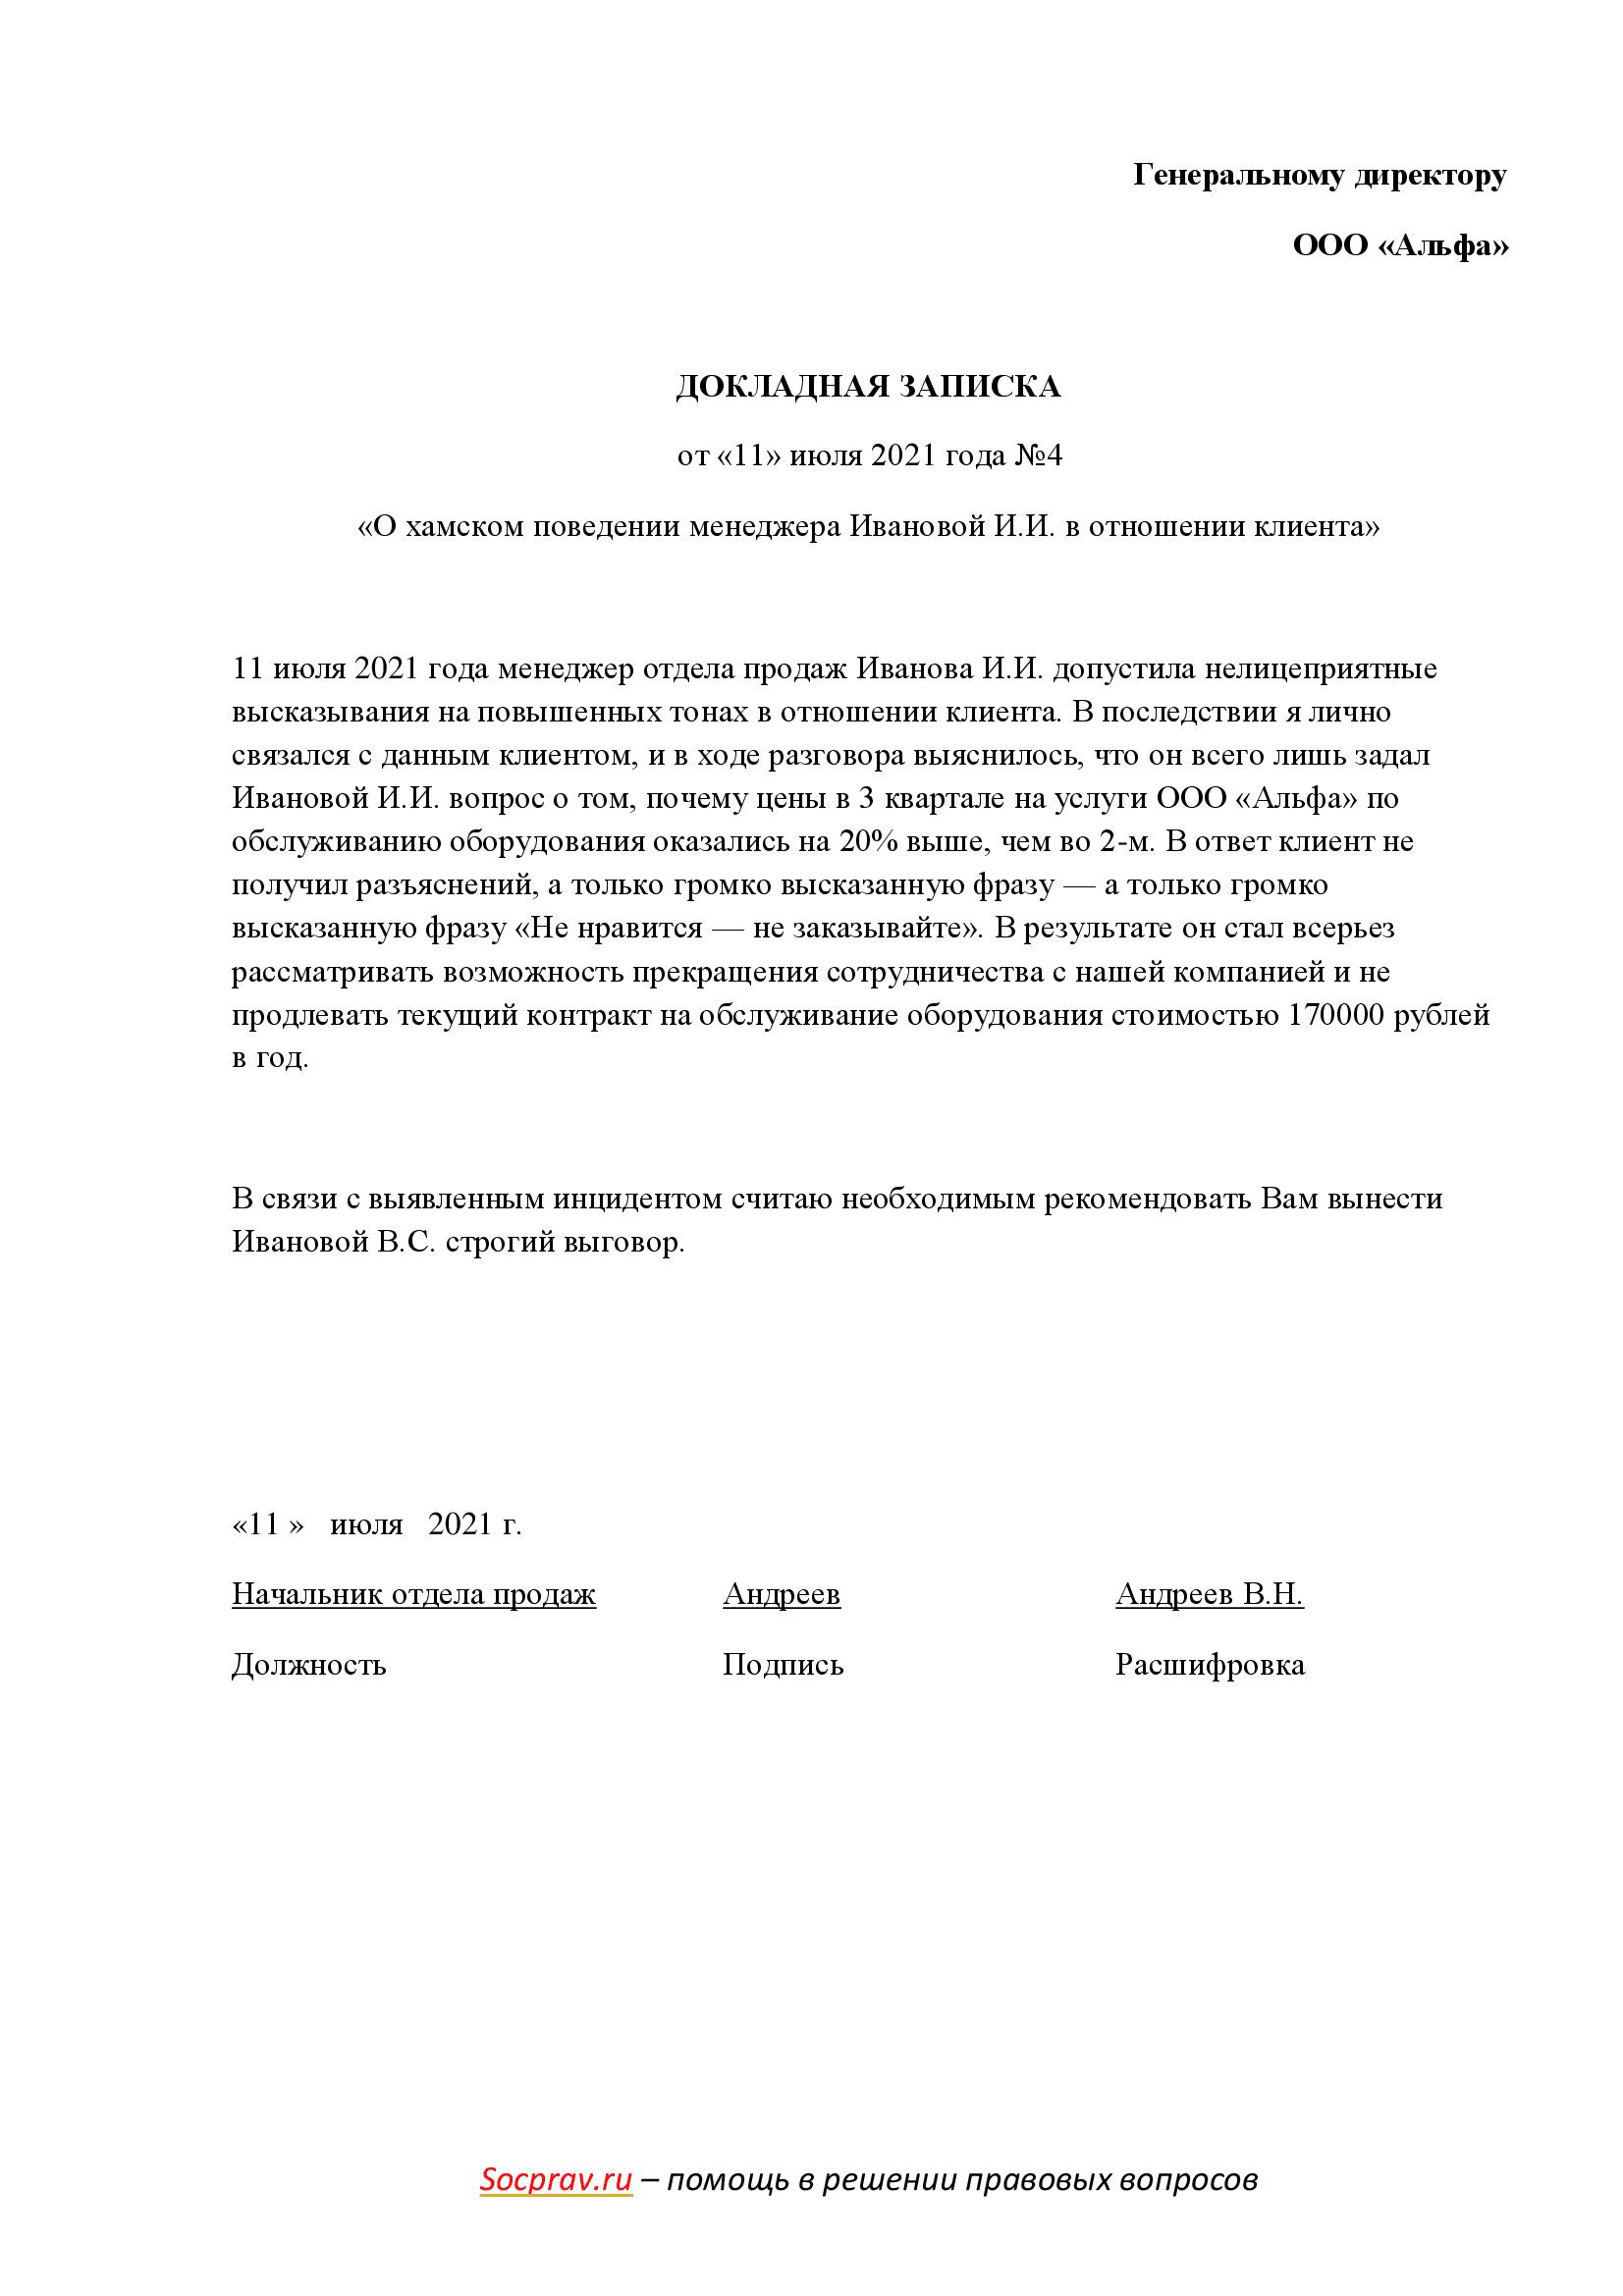 Докладная записка о хамском поведении сотрудника